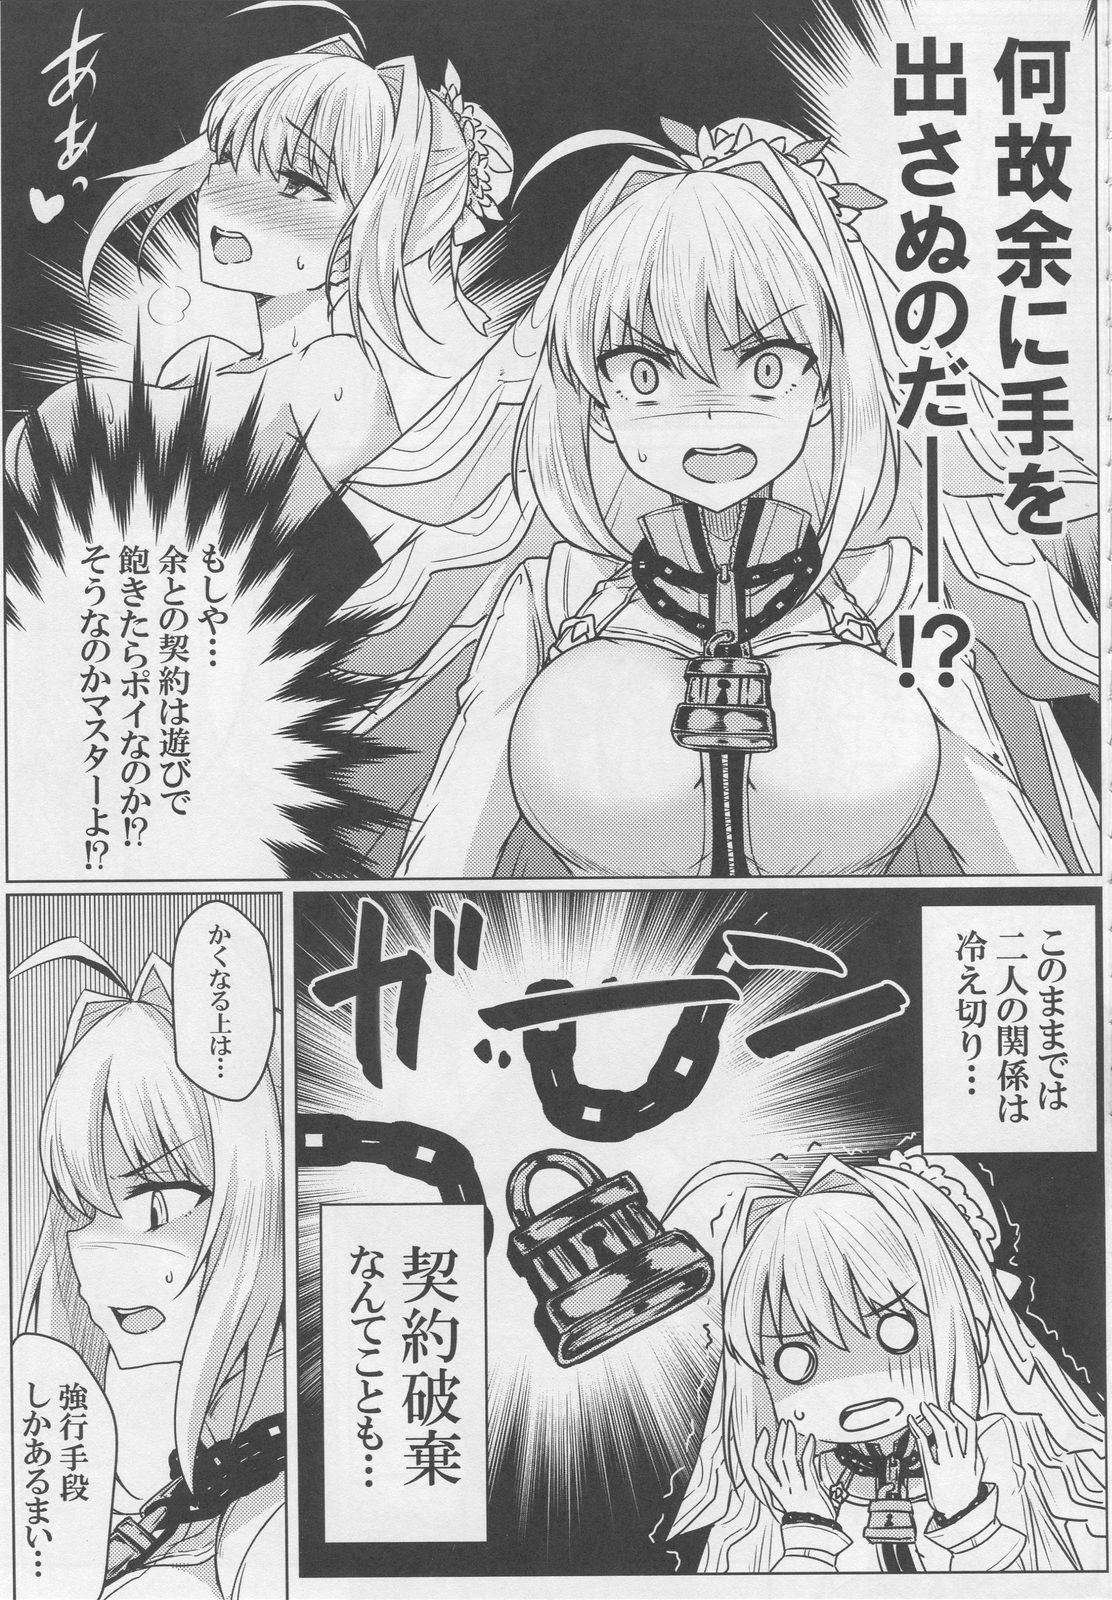 【エロ同人誌】ネロがなかなか手を出してこないマスターを恥じらいながら誘惑www【Fate/Grand Order/C92】